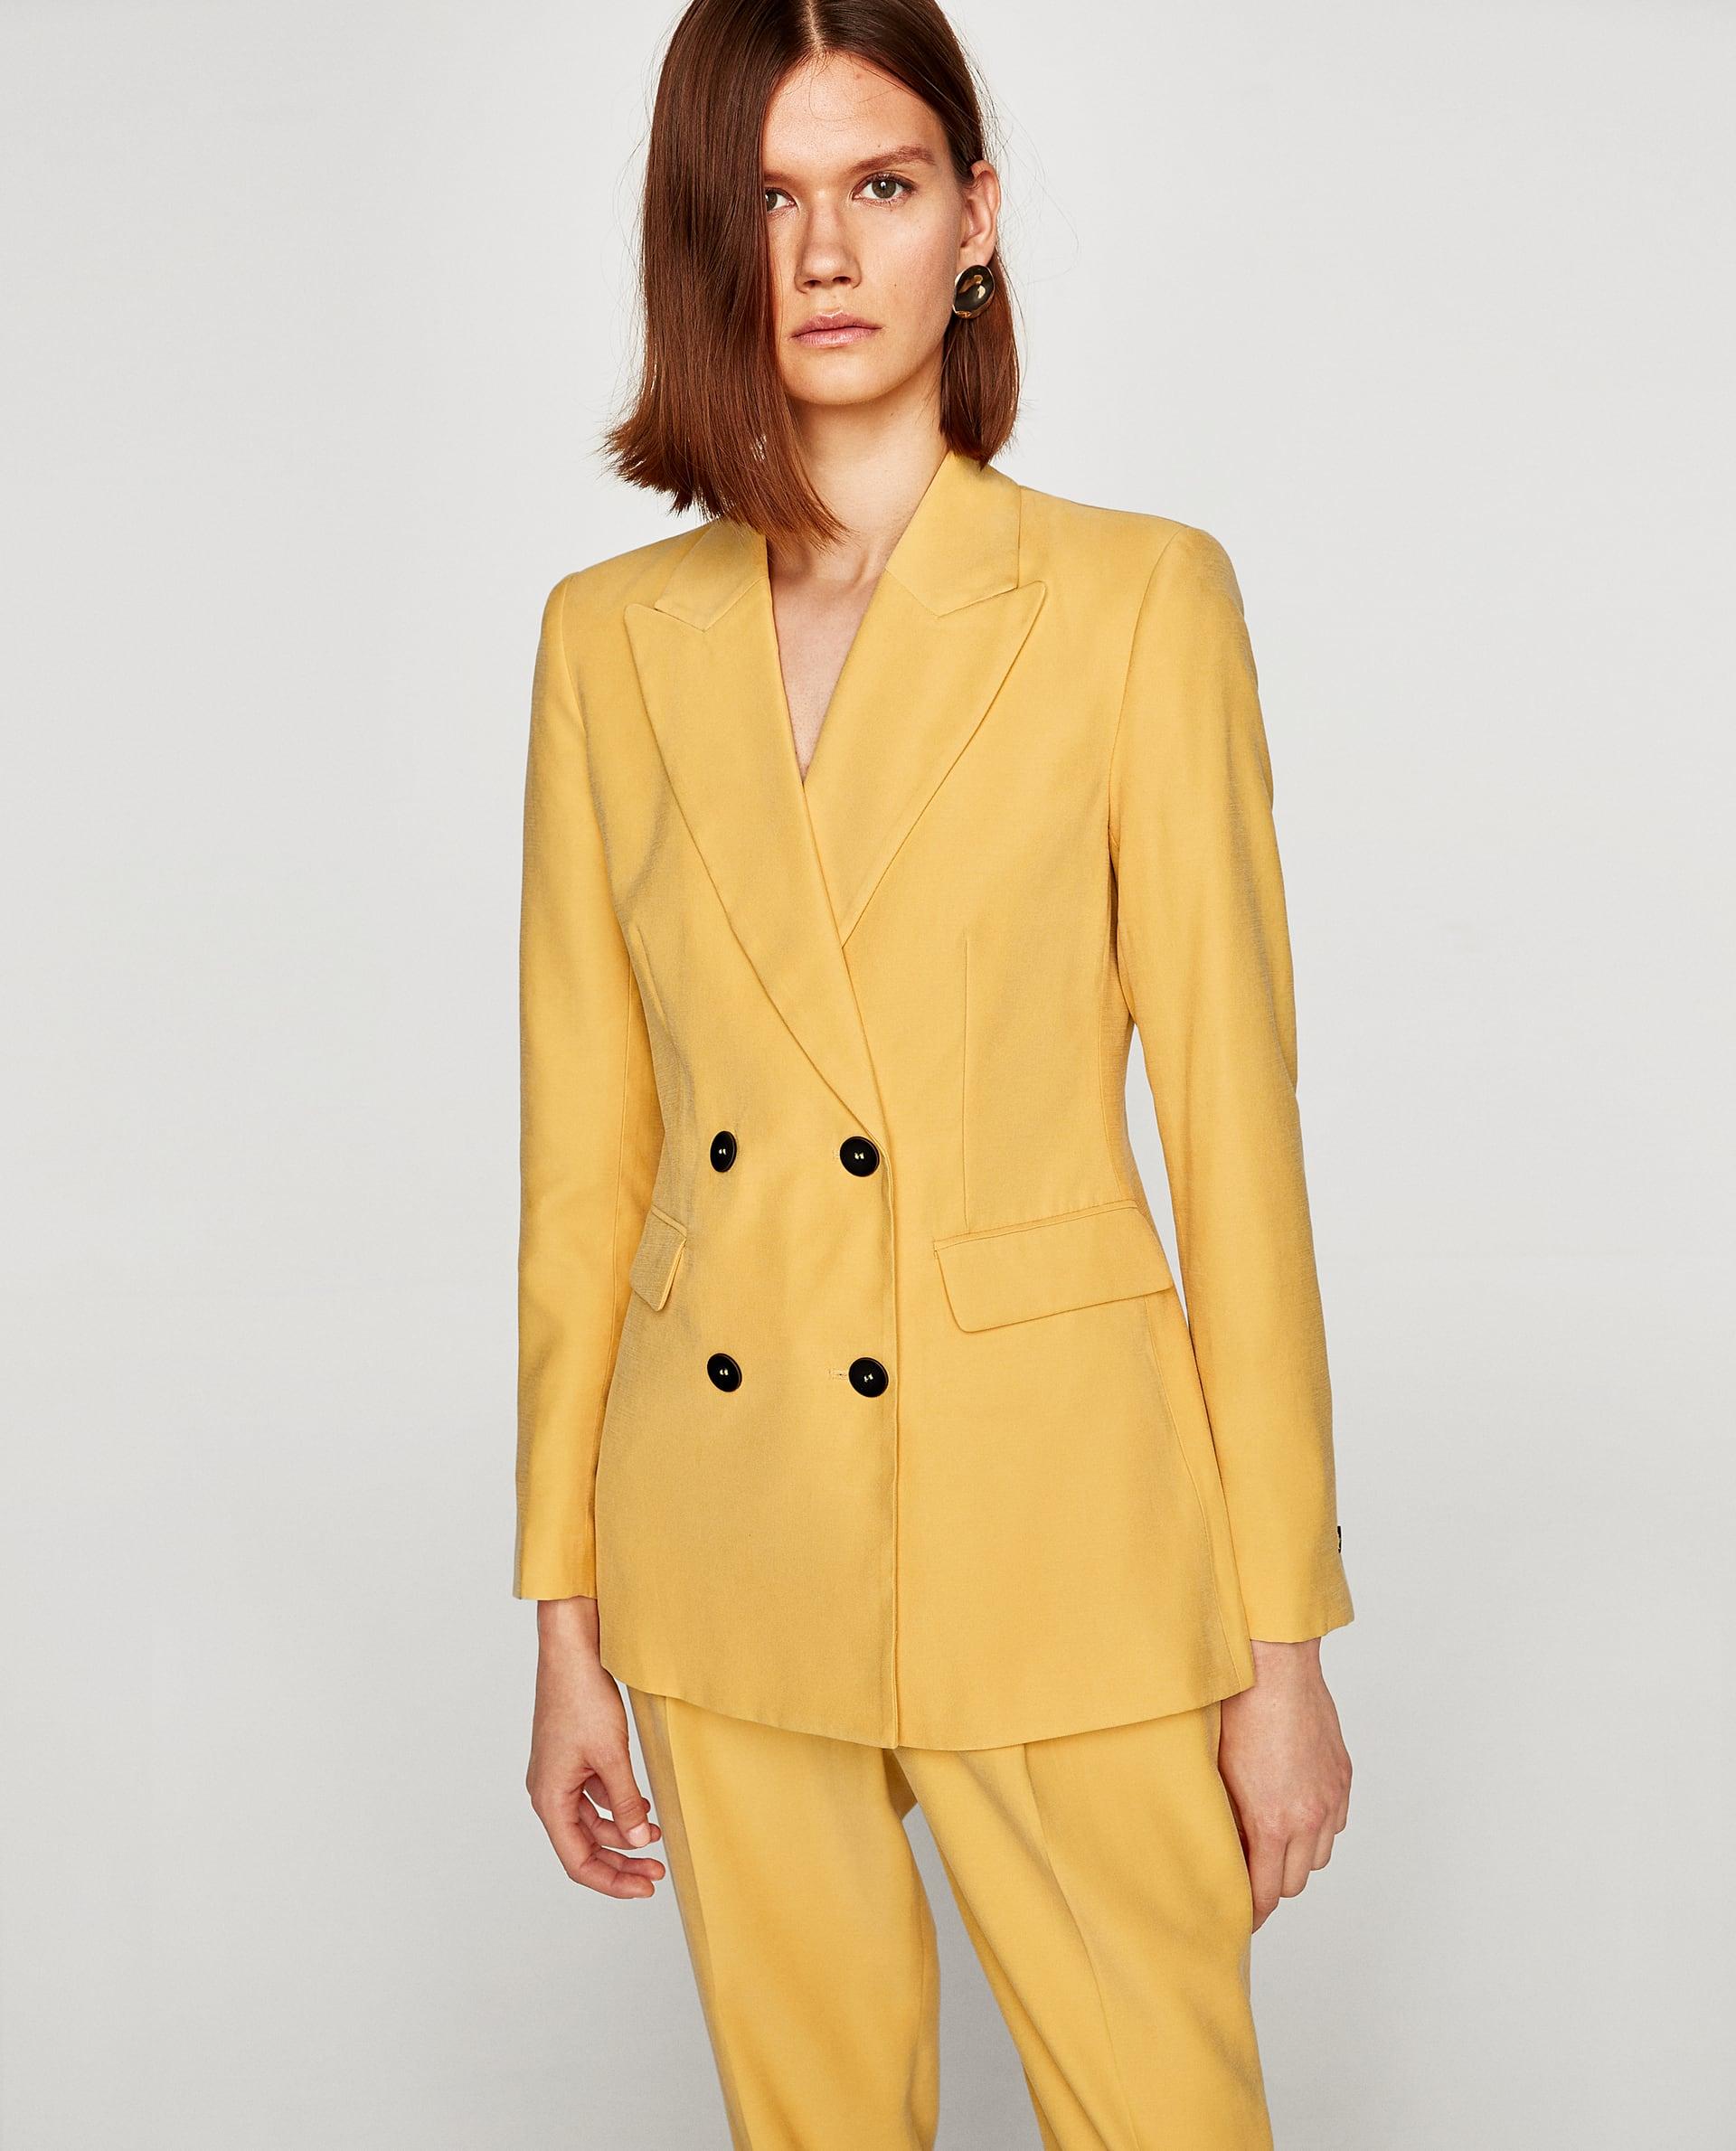 Nhanh chân săn những món đồ đẹp đang sale khủng của Zara với mức giá dưới 1 triệu đồng